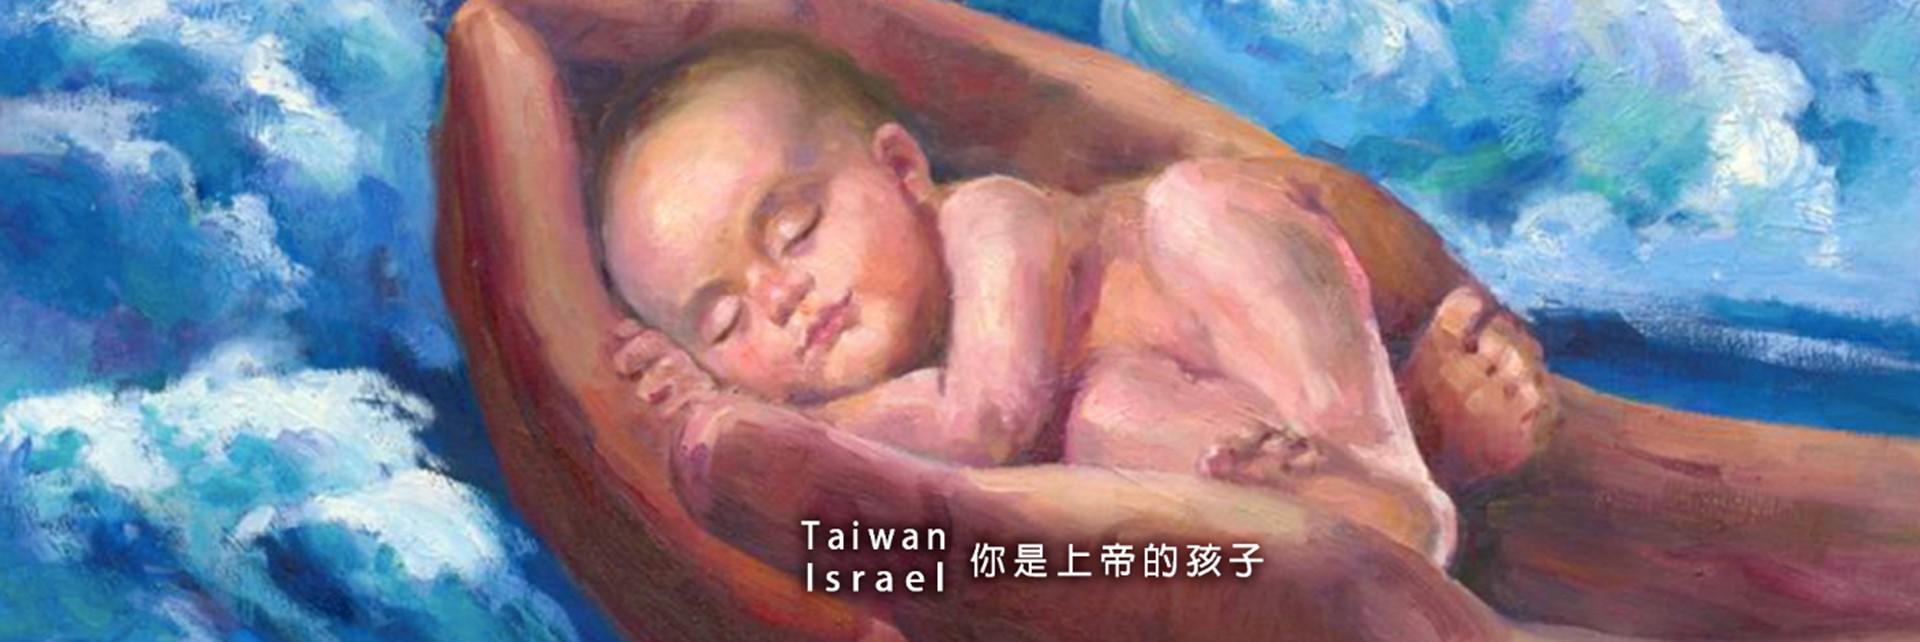 台灣是上帝的孩子